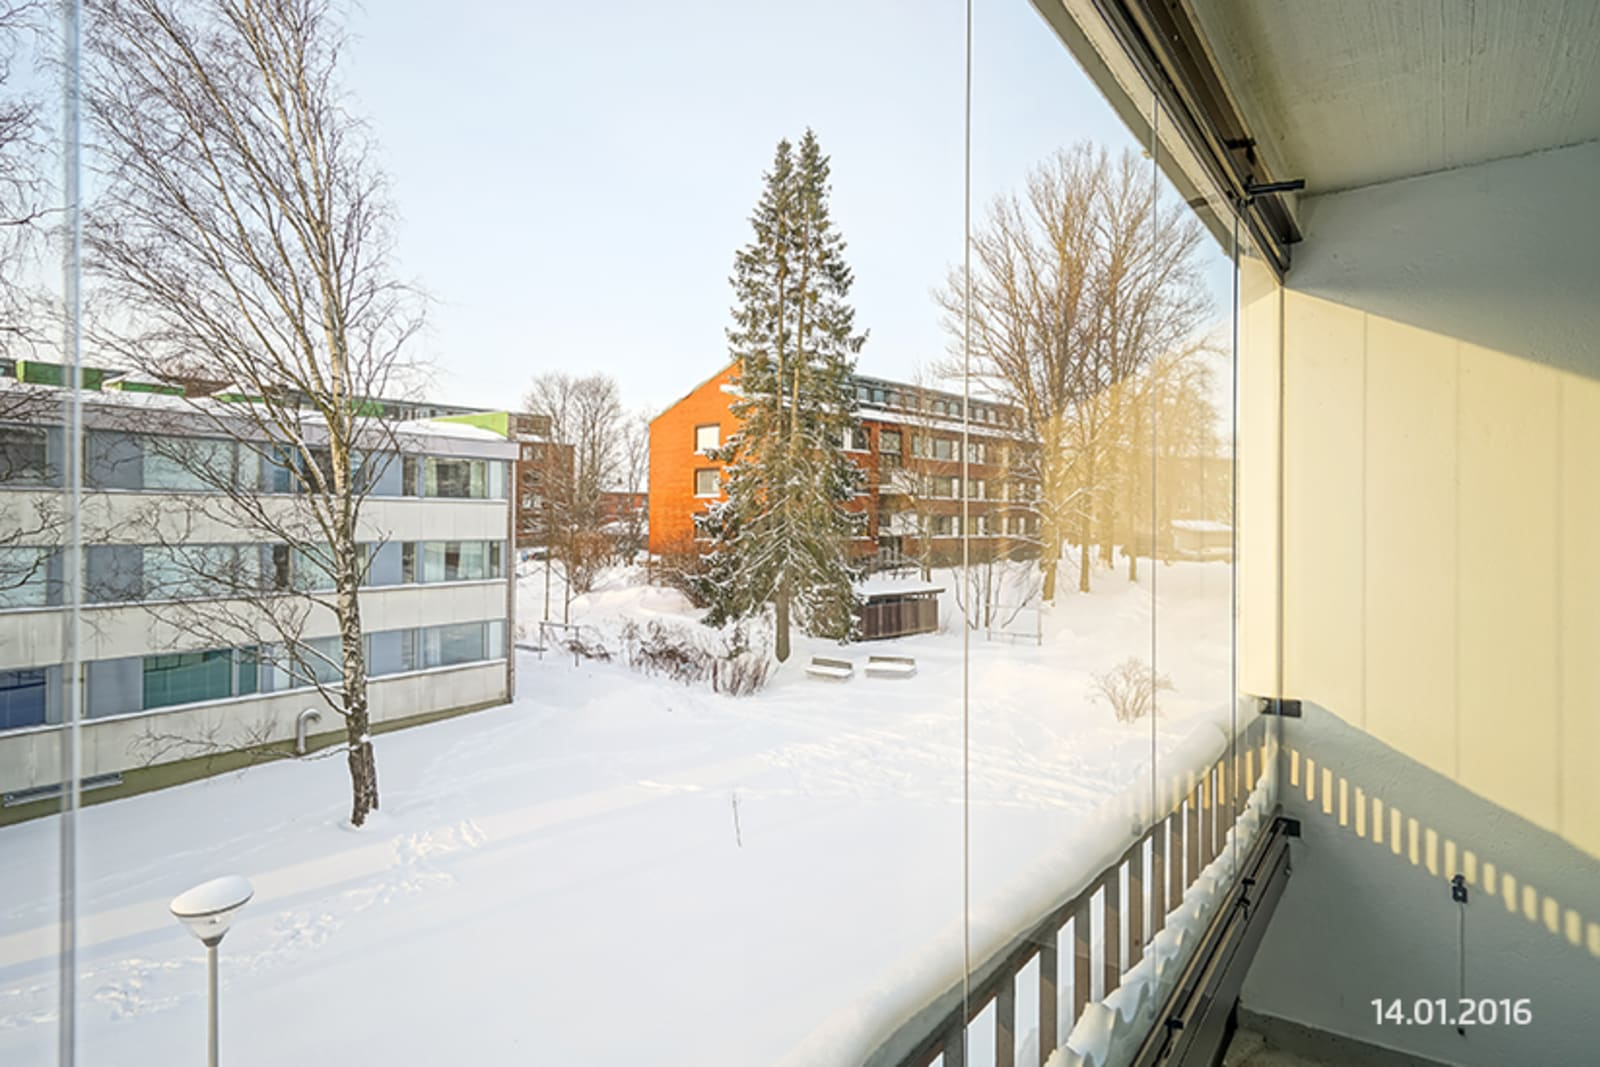 Helsinki, Etelä-Haaga, Kangaspellontie 5 A 009